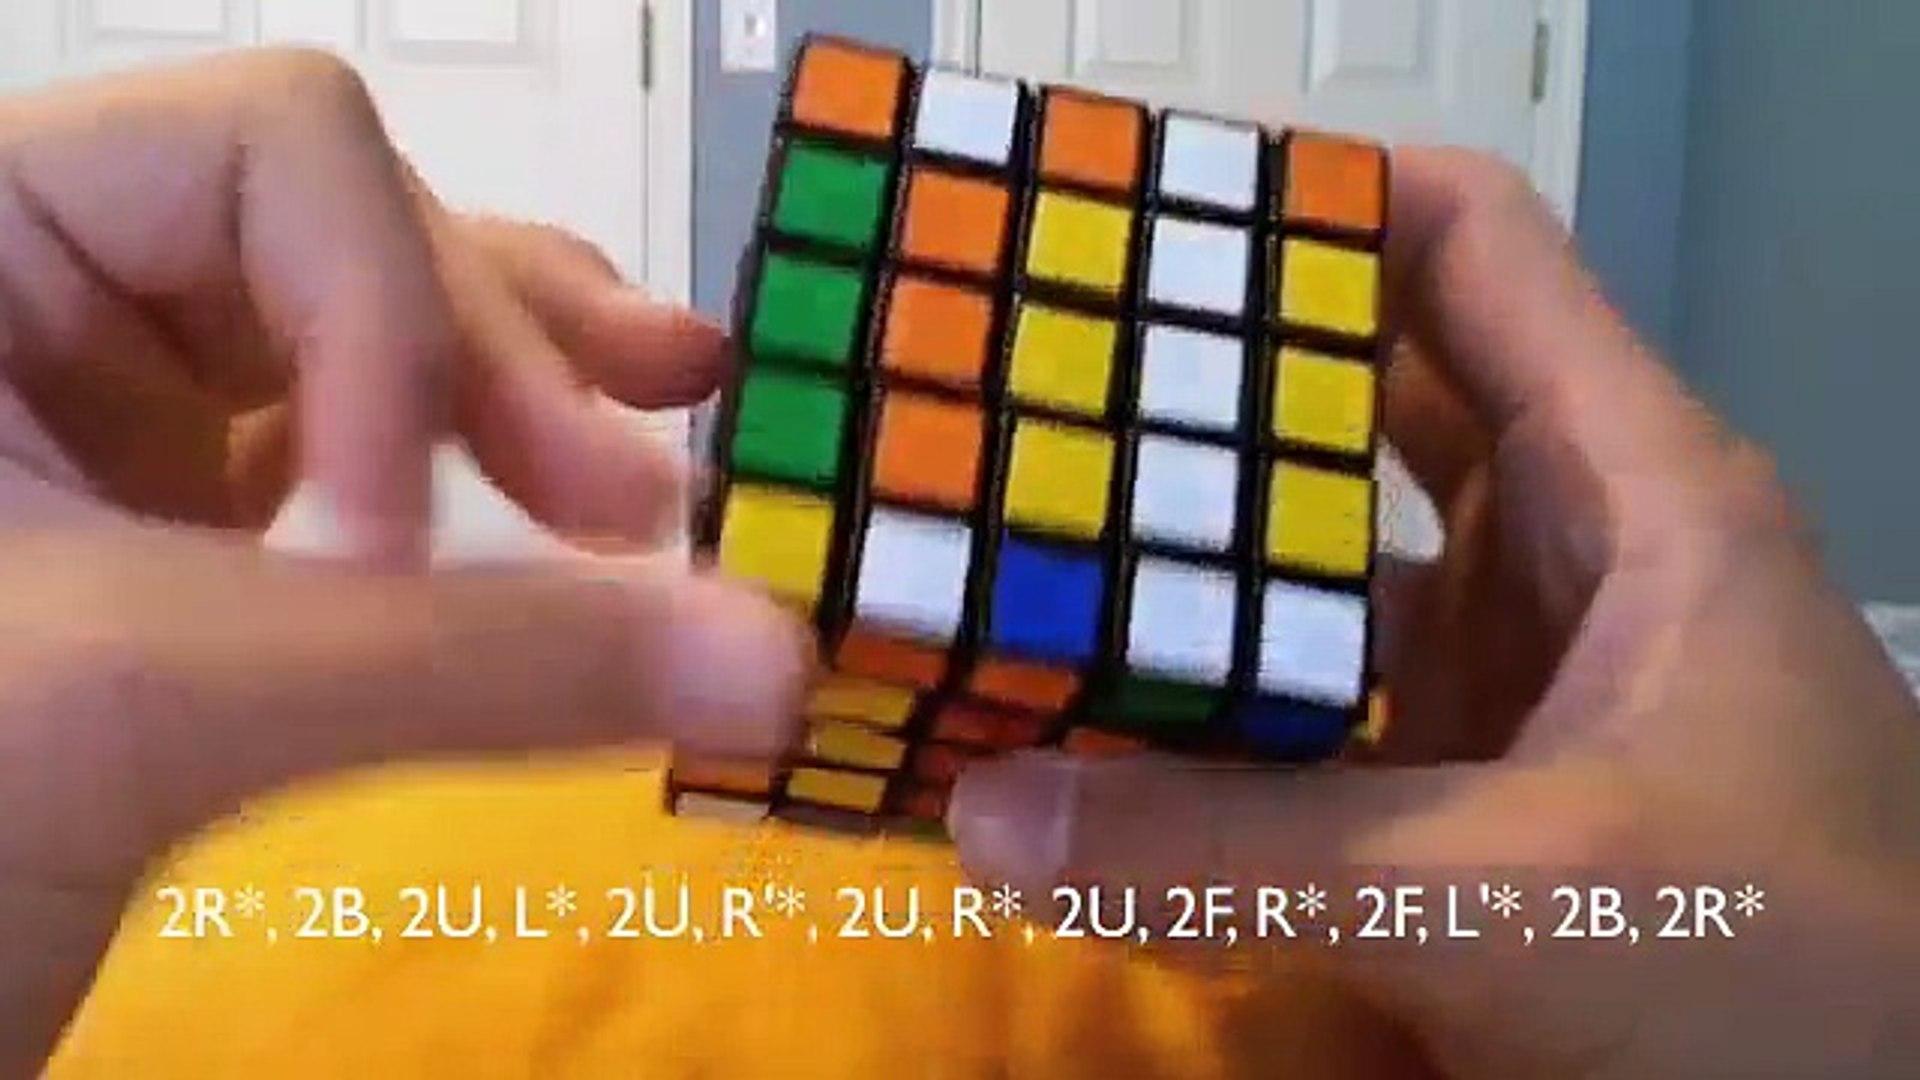 5x5 Edge Parity - EASY